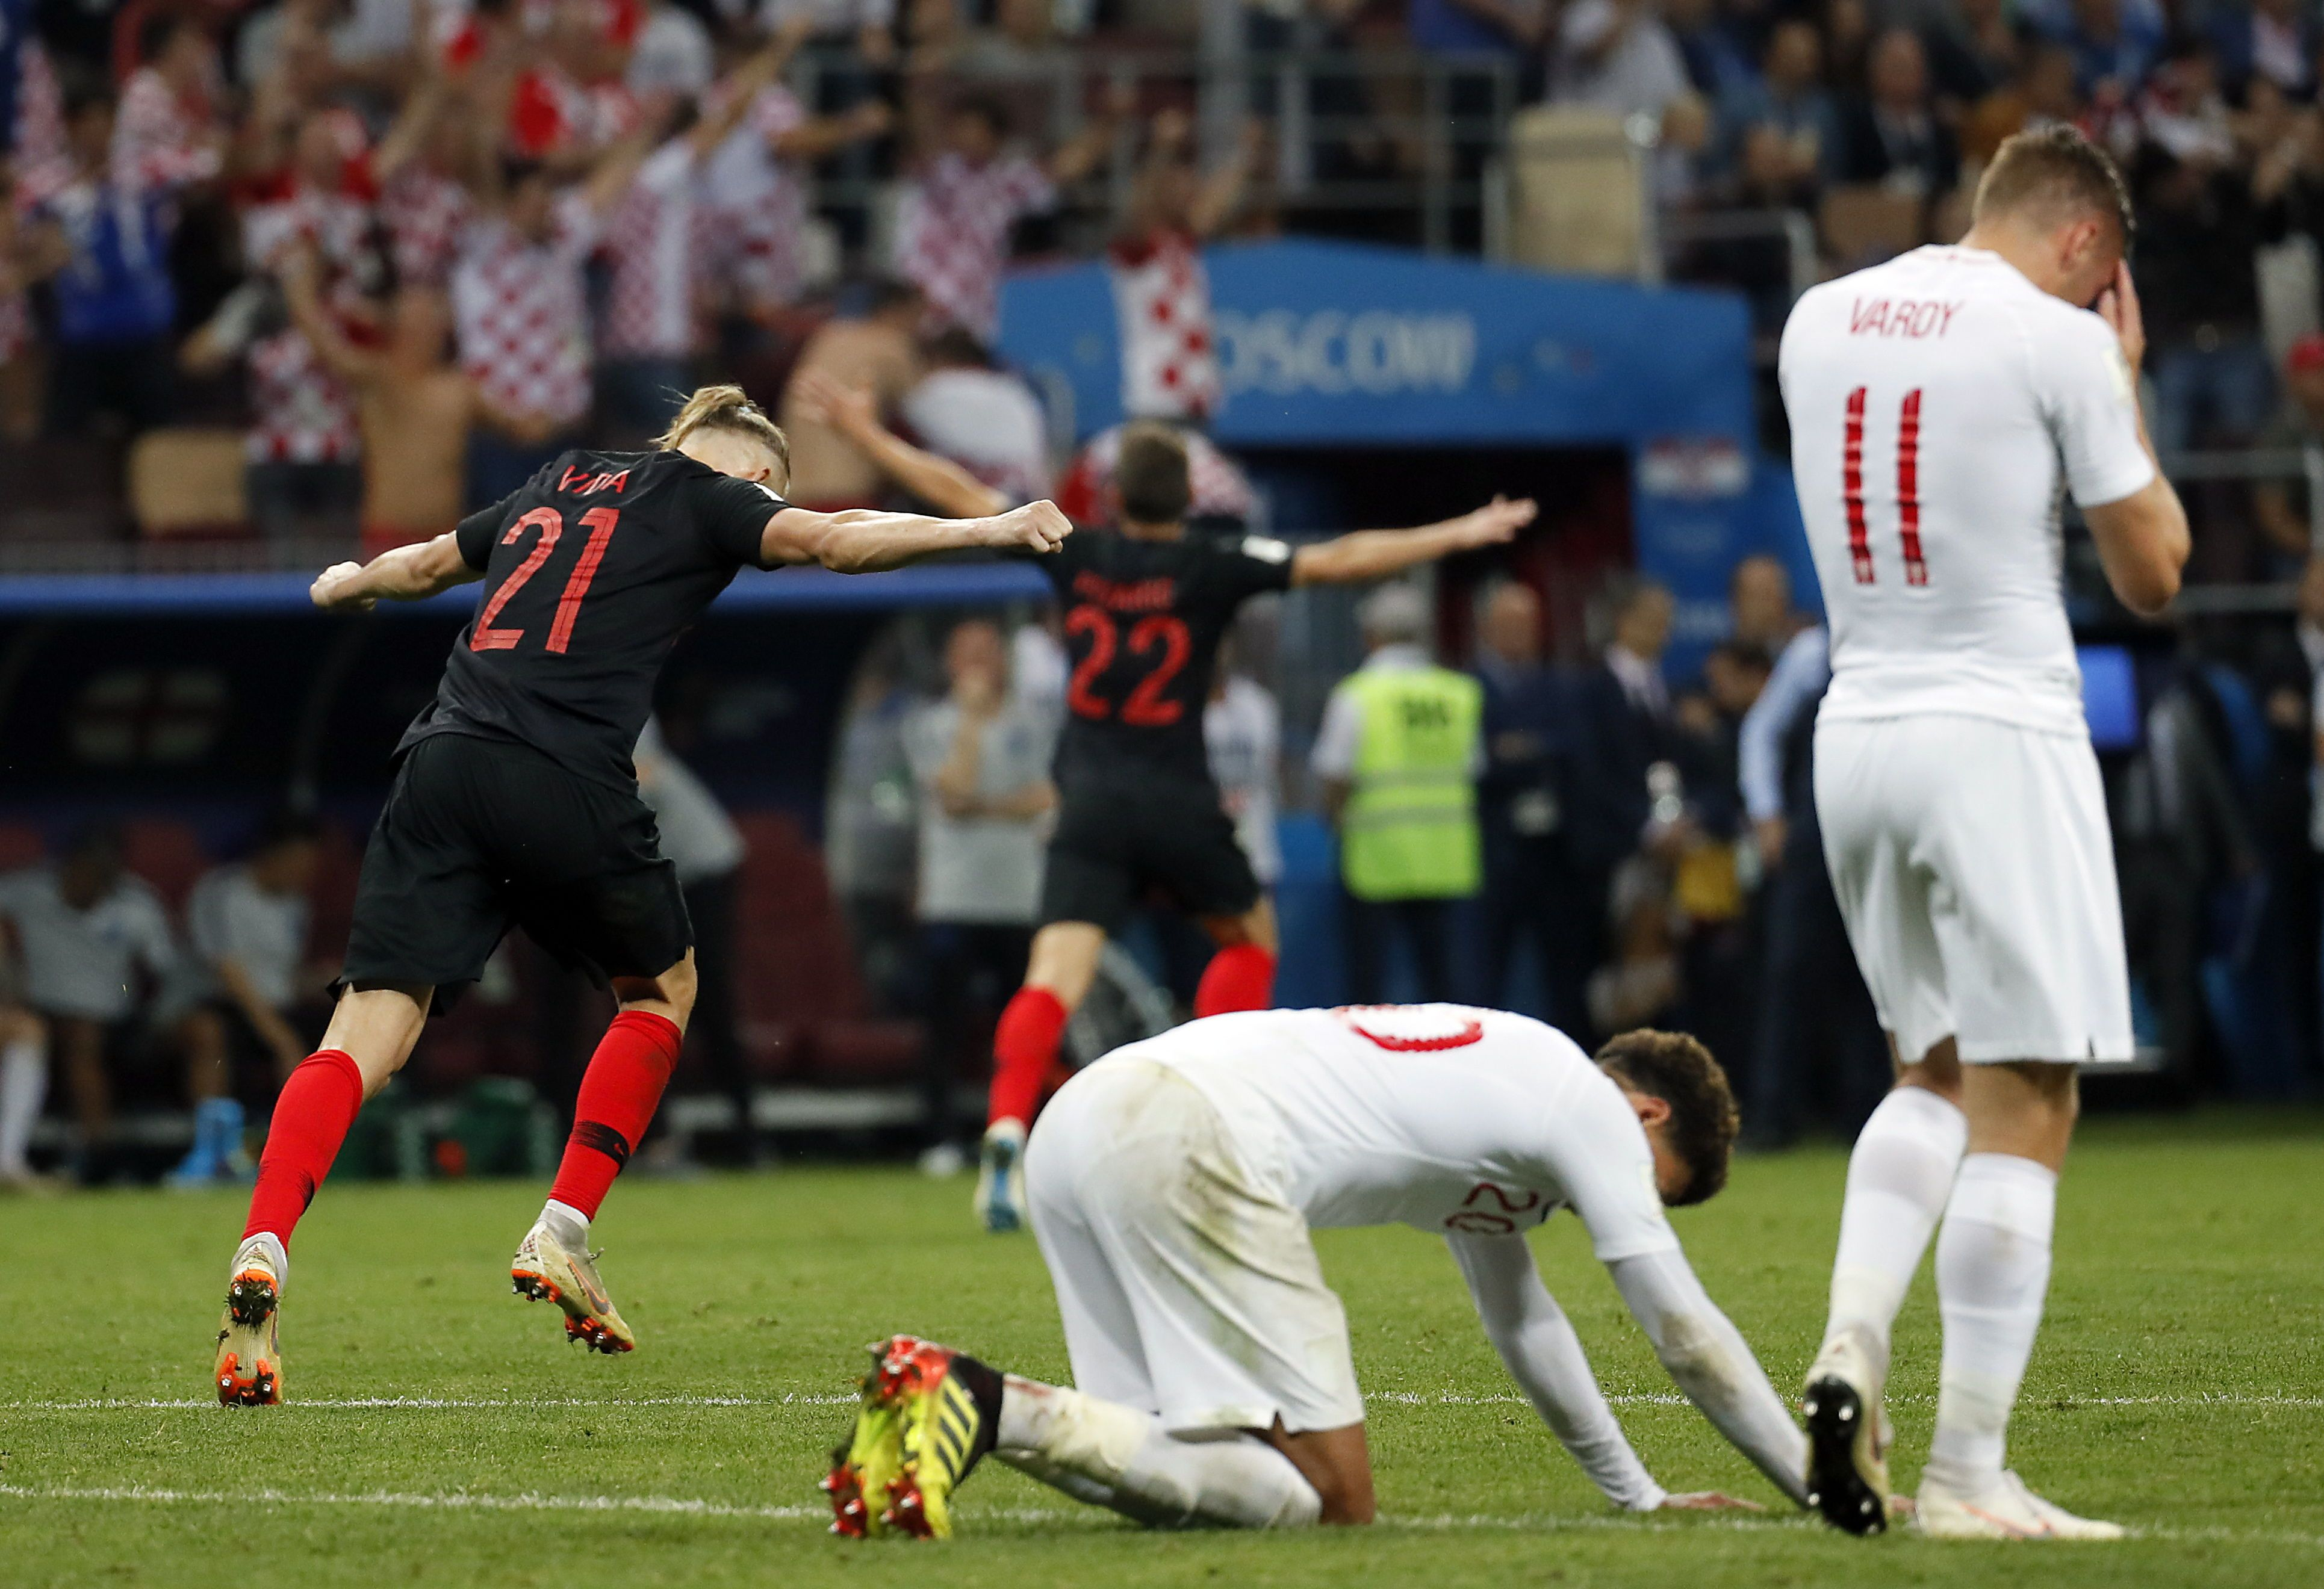 Inglaterra jugará contra Bélgica por el tercer puesto. Foto: EFE